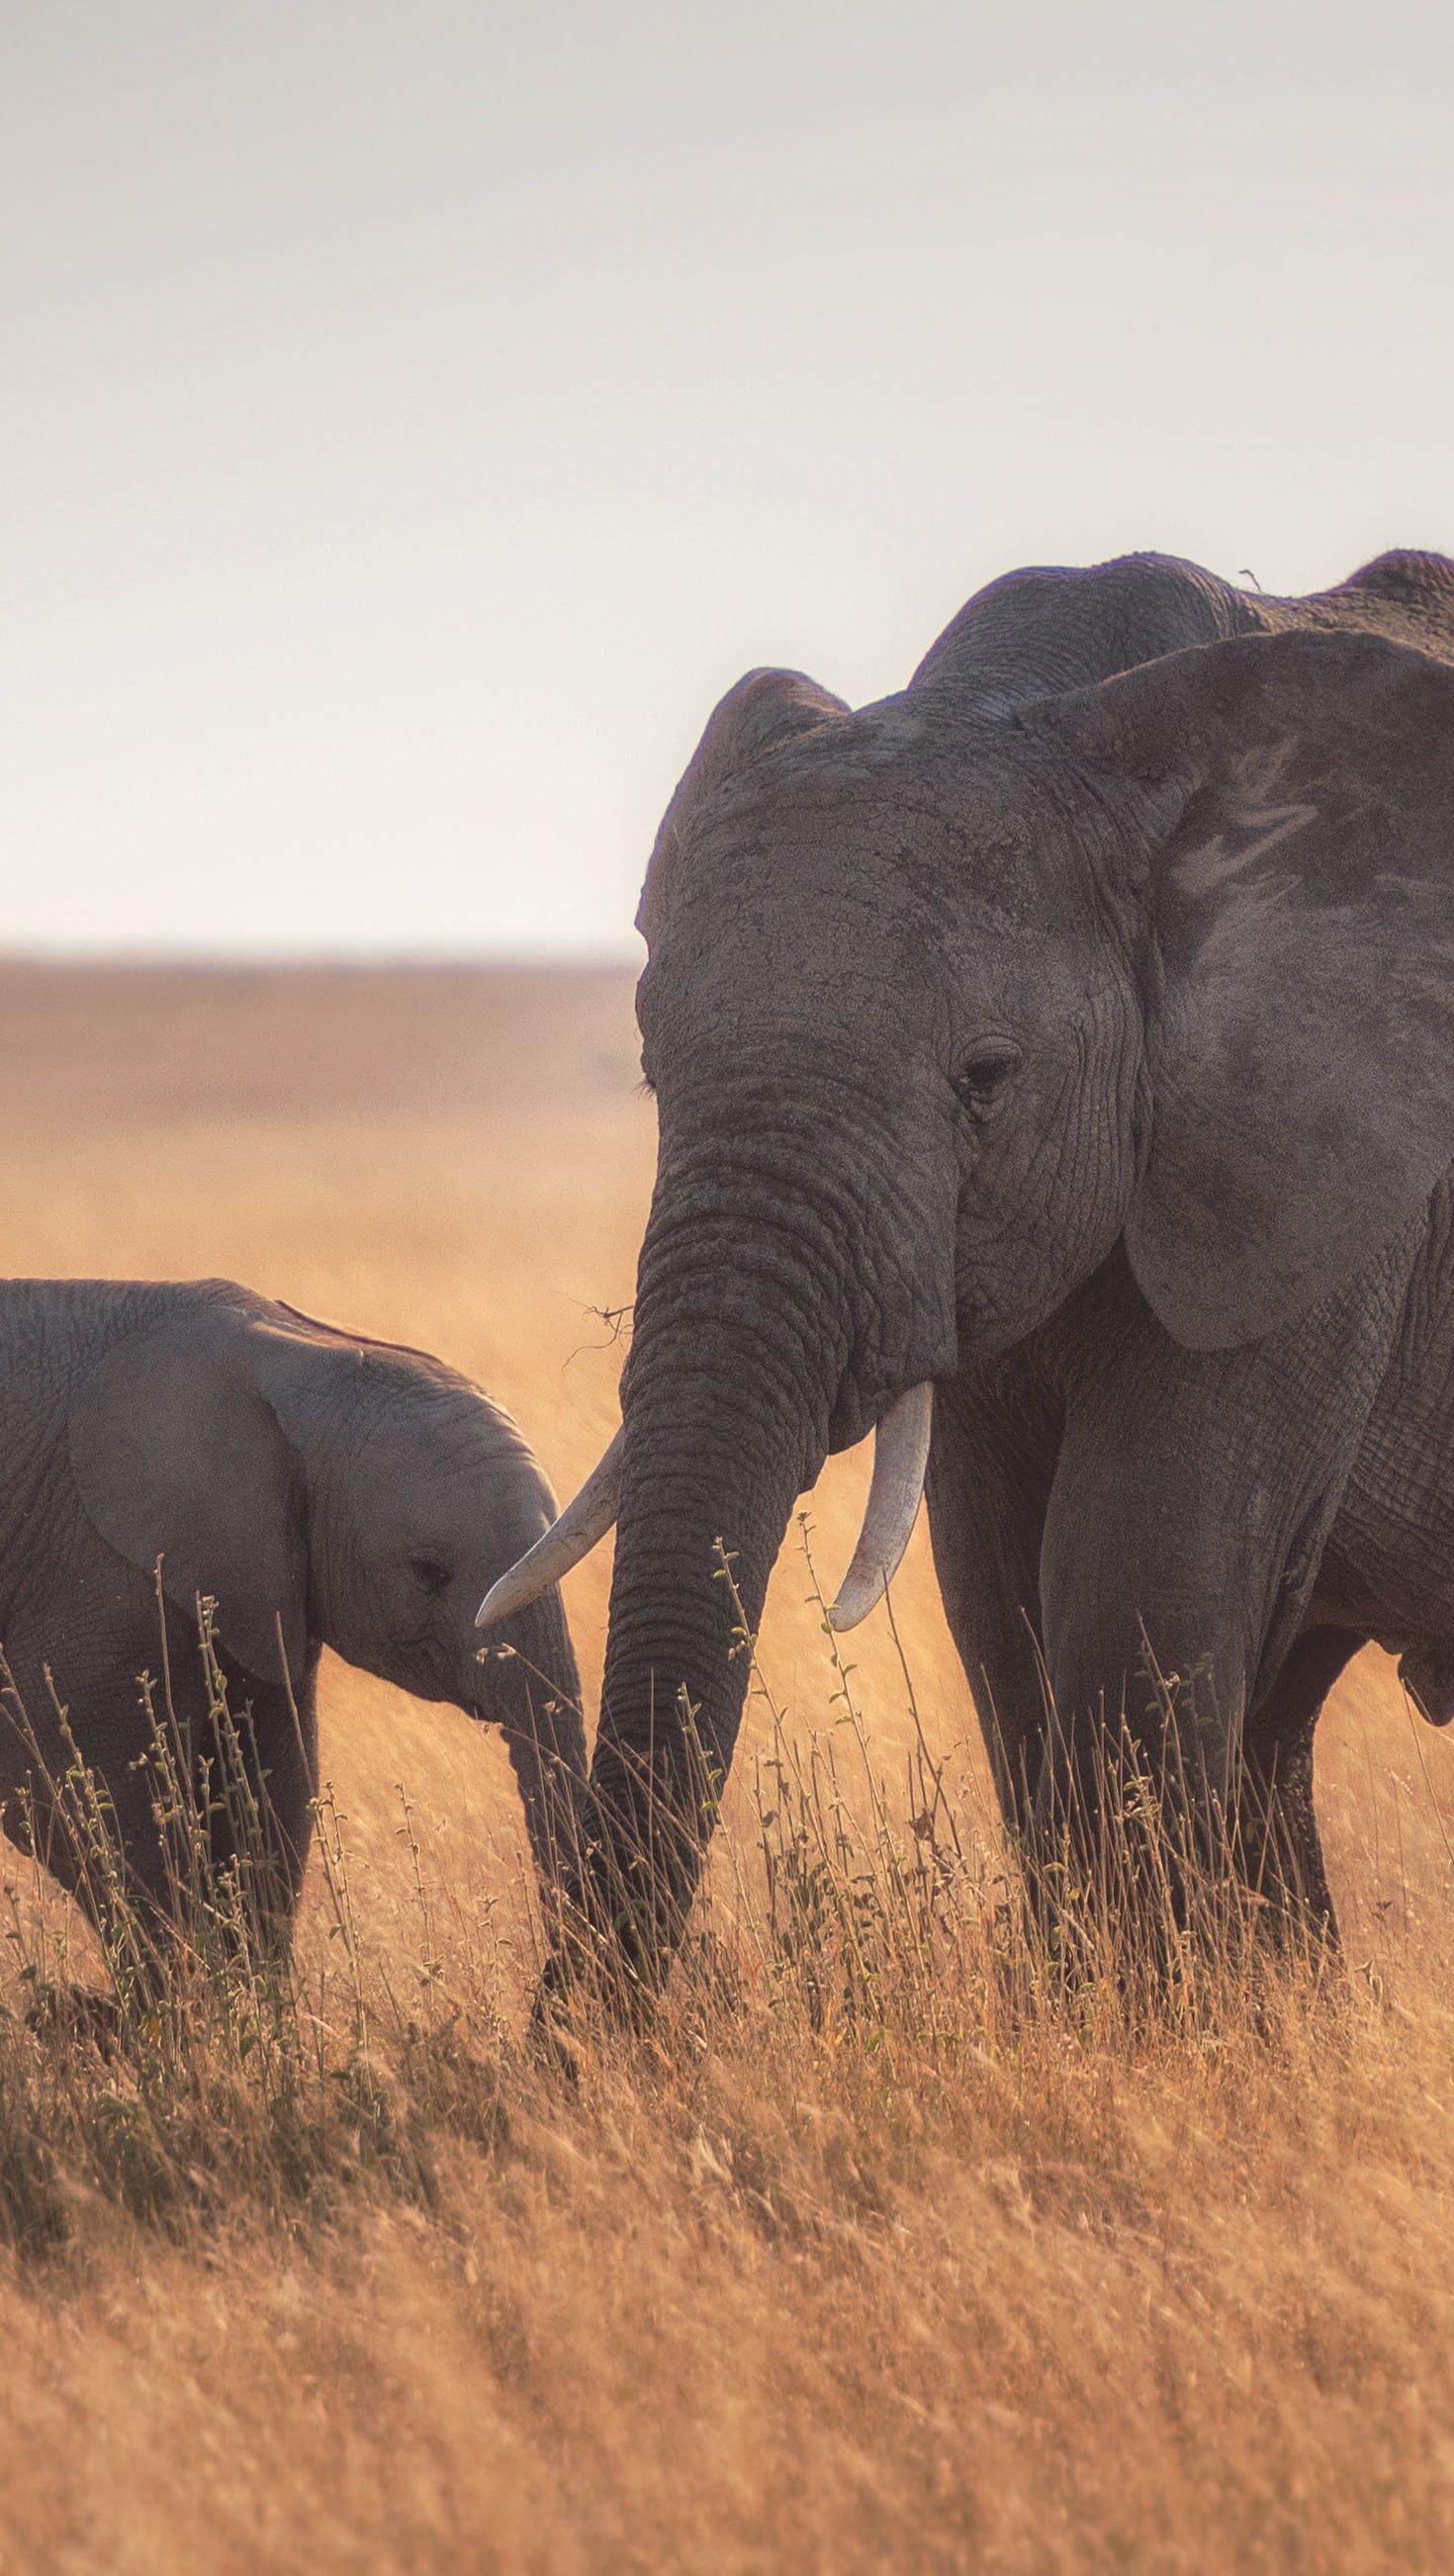 Fondos de pantalla Madre y bebe elefante Vertical